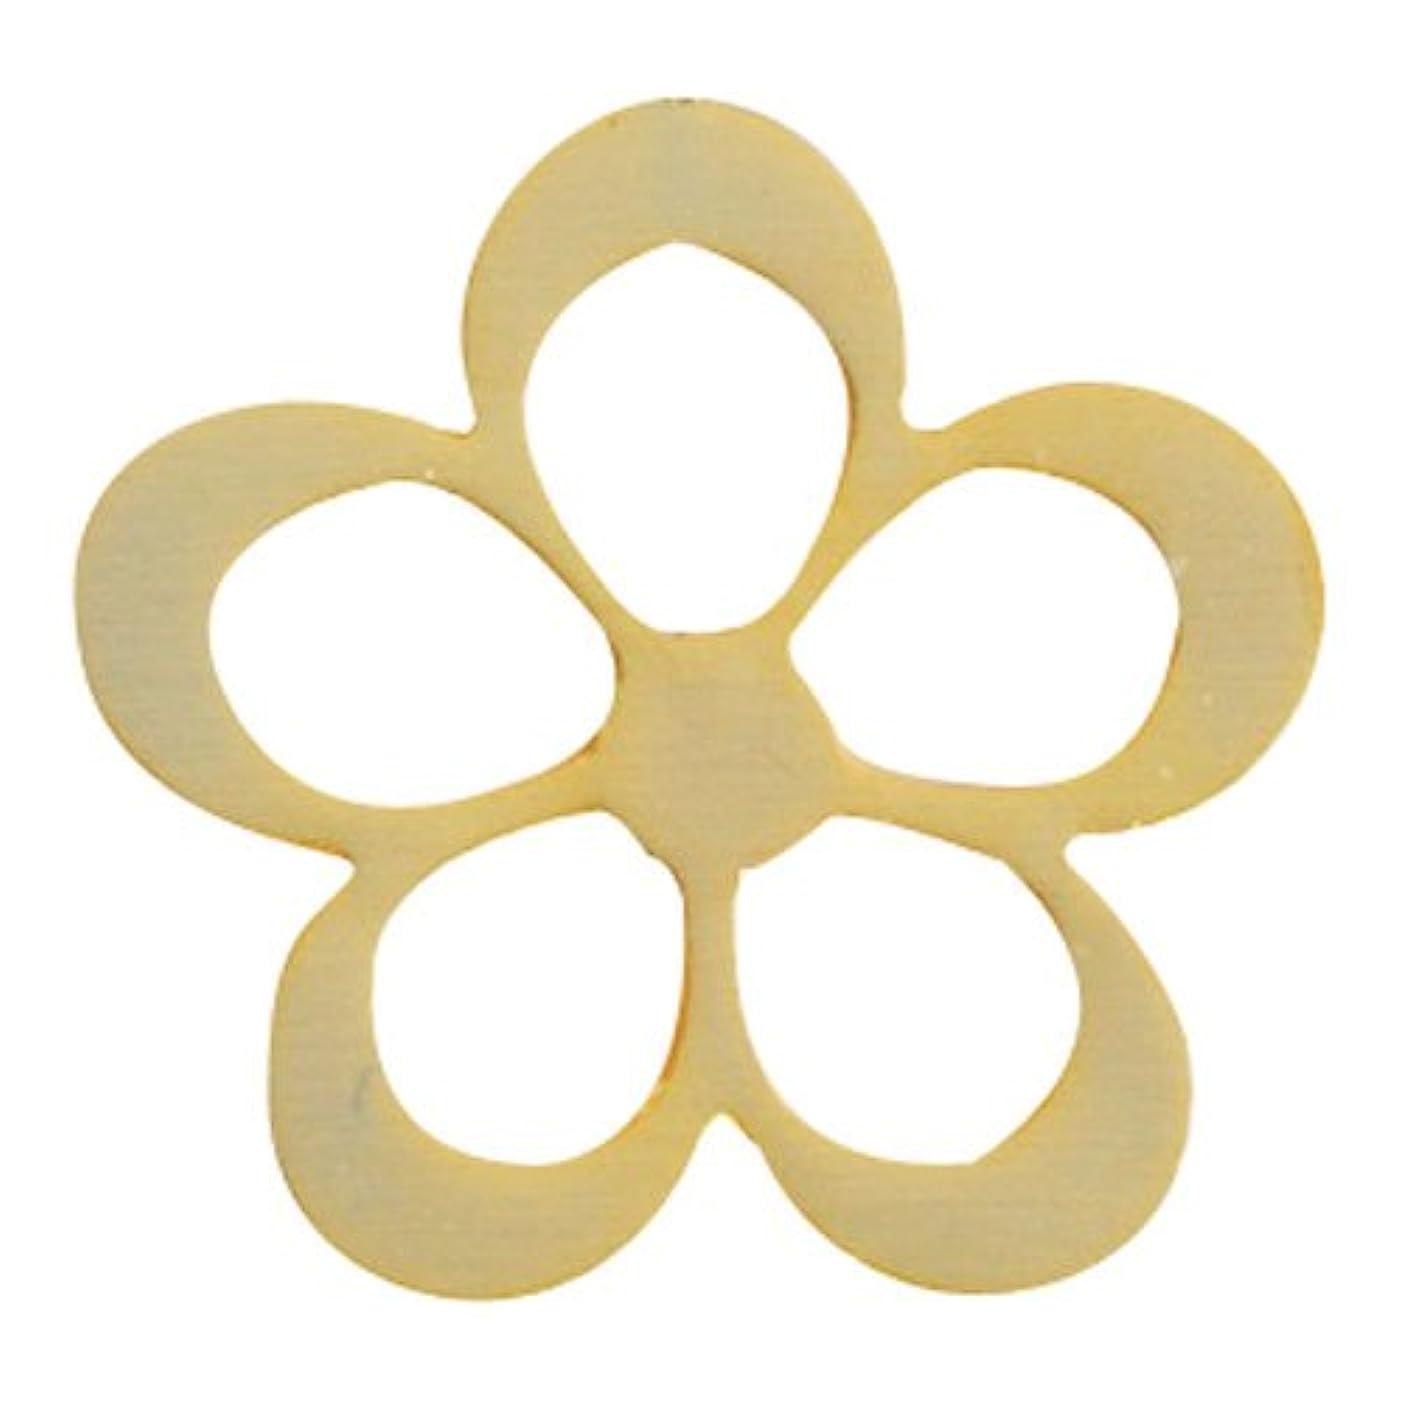 折熟練した減衰リトルプリティー ネイルアートパーツ シャイニーフラワー L ゴールド 10個